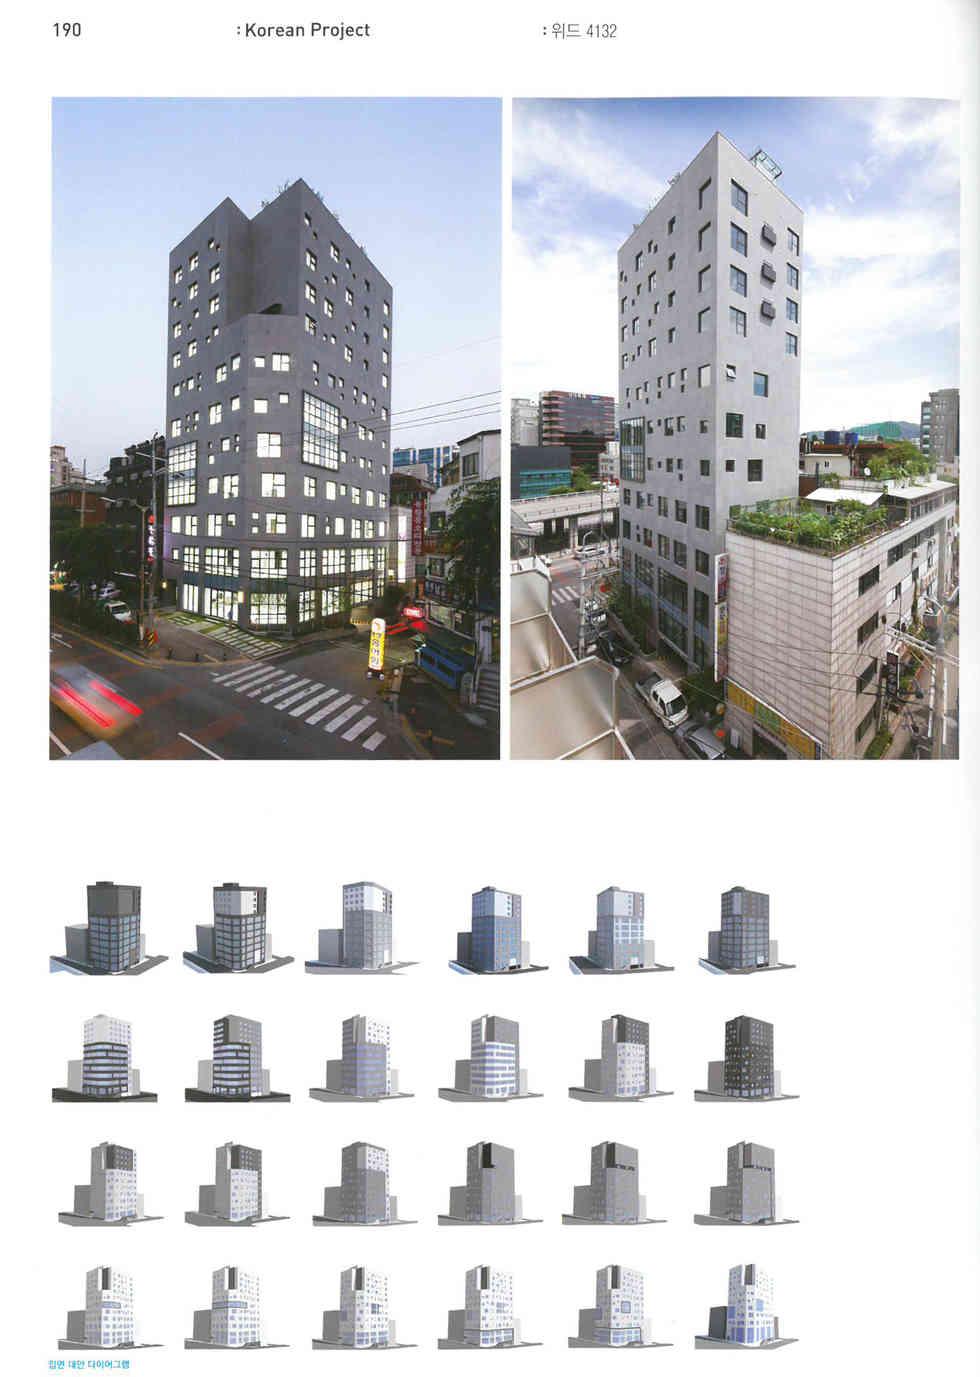 건축문화413_with 4132-4.jpg